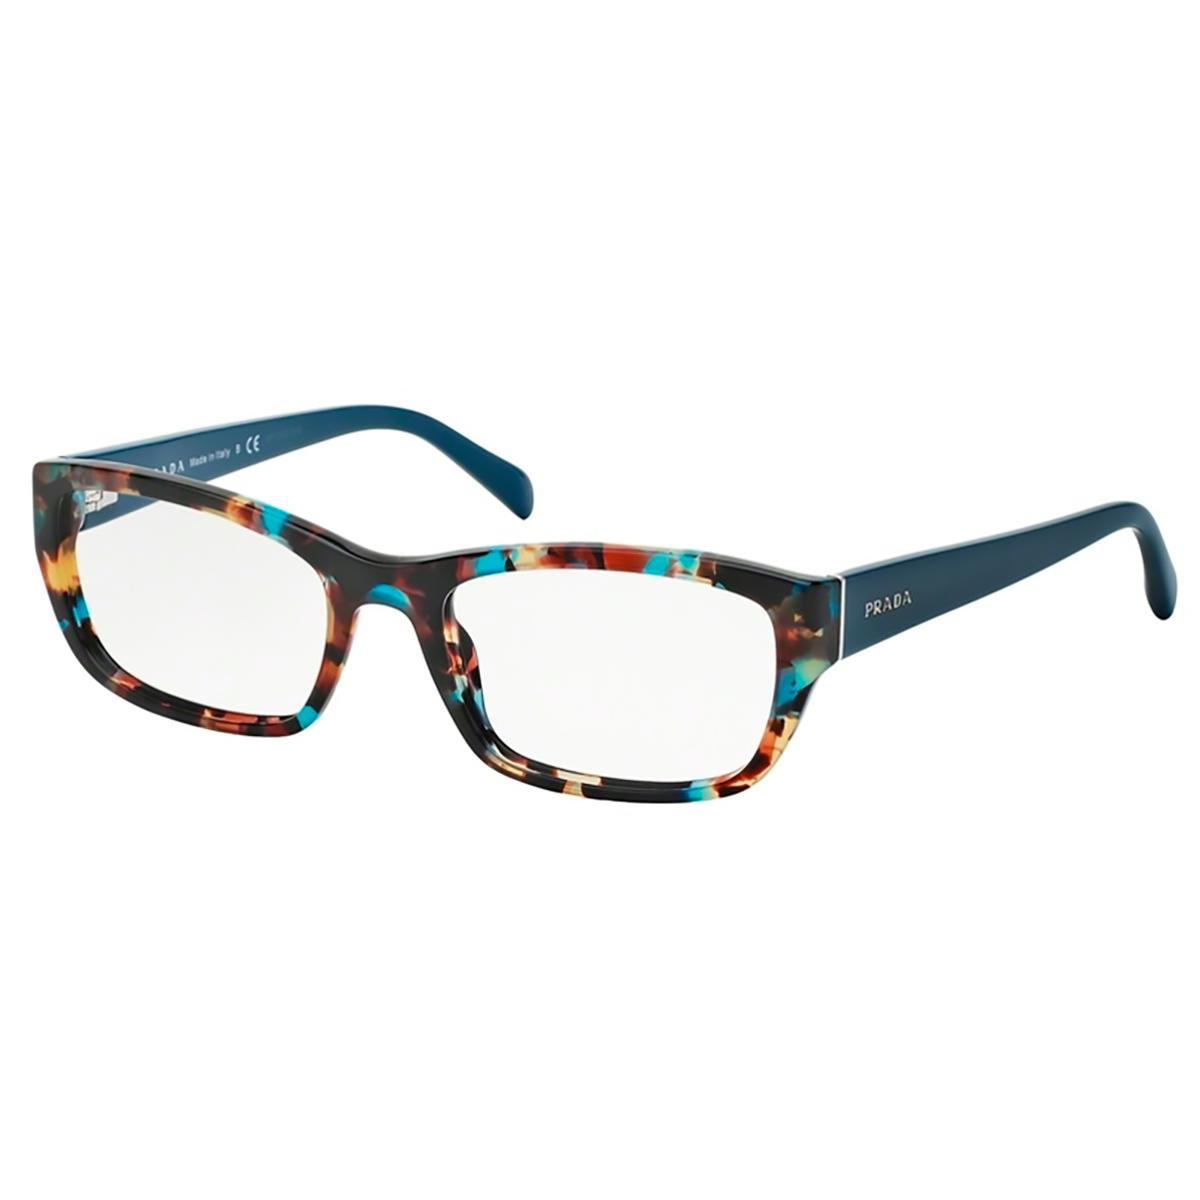 8a7afe2851e17 Compre Óculos de Grau Prada em 10X   Tri-Jóia Shop